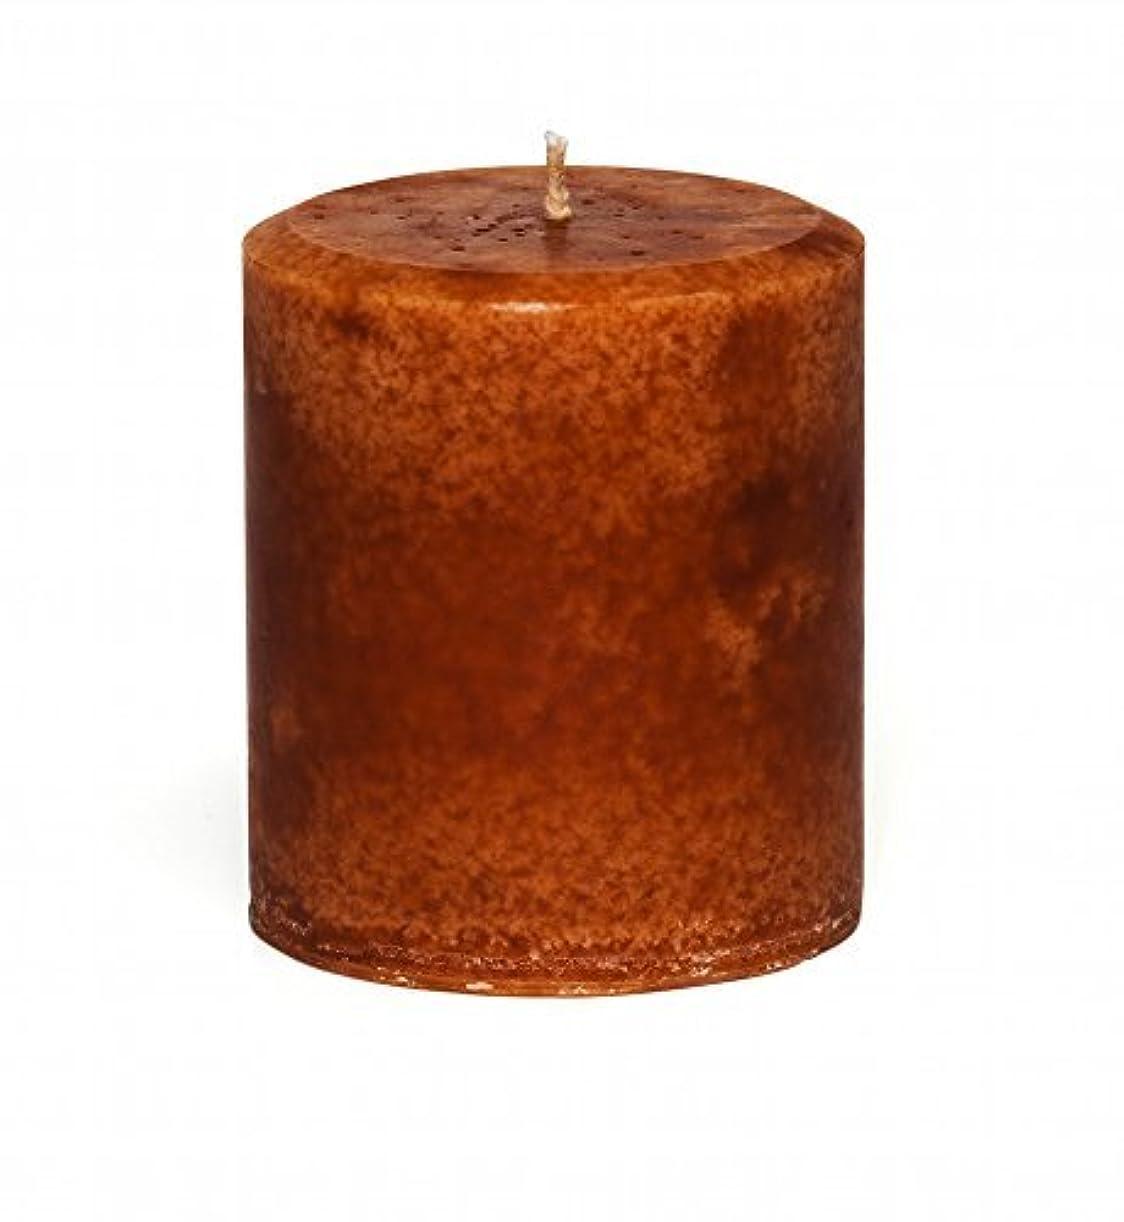 同時スプーン一握りJensanシナモンオレンジ香りつき装飾Pillar Candle、ハンドメイド – 装飾 – 強力な香り